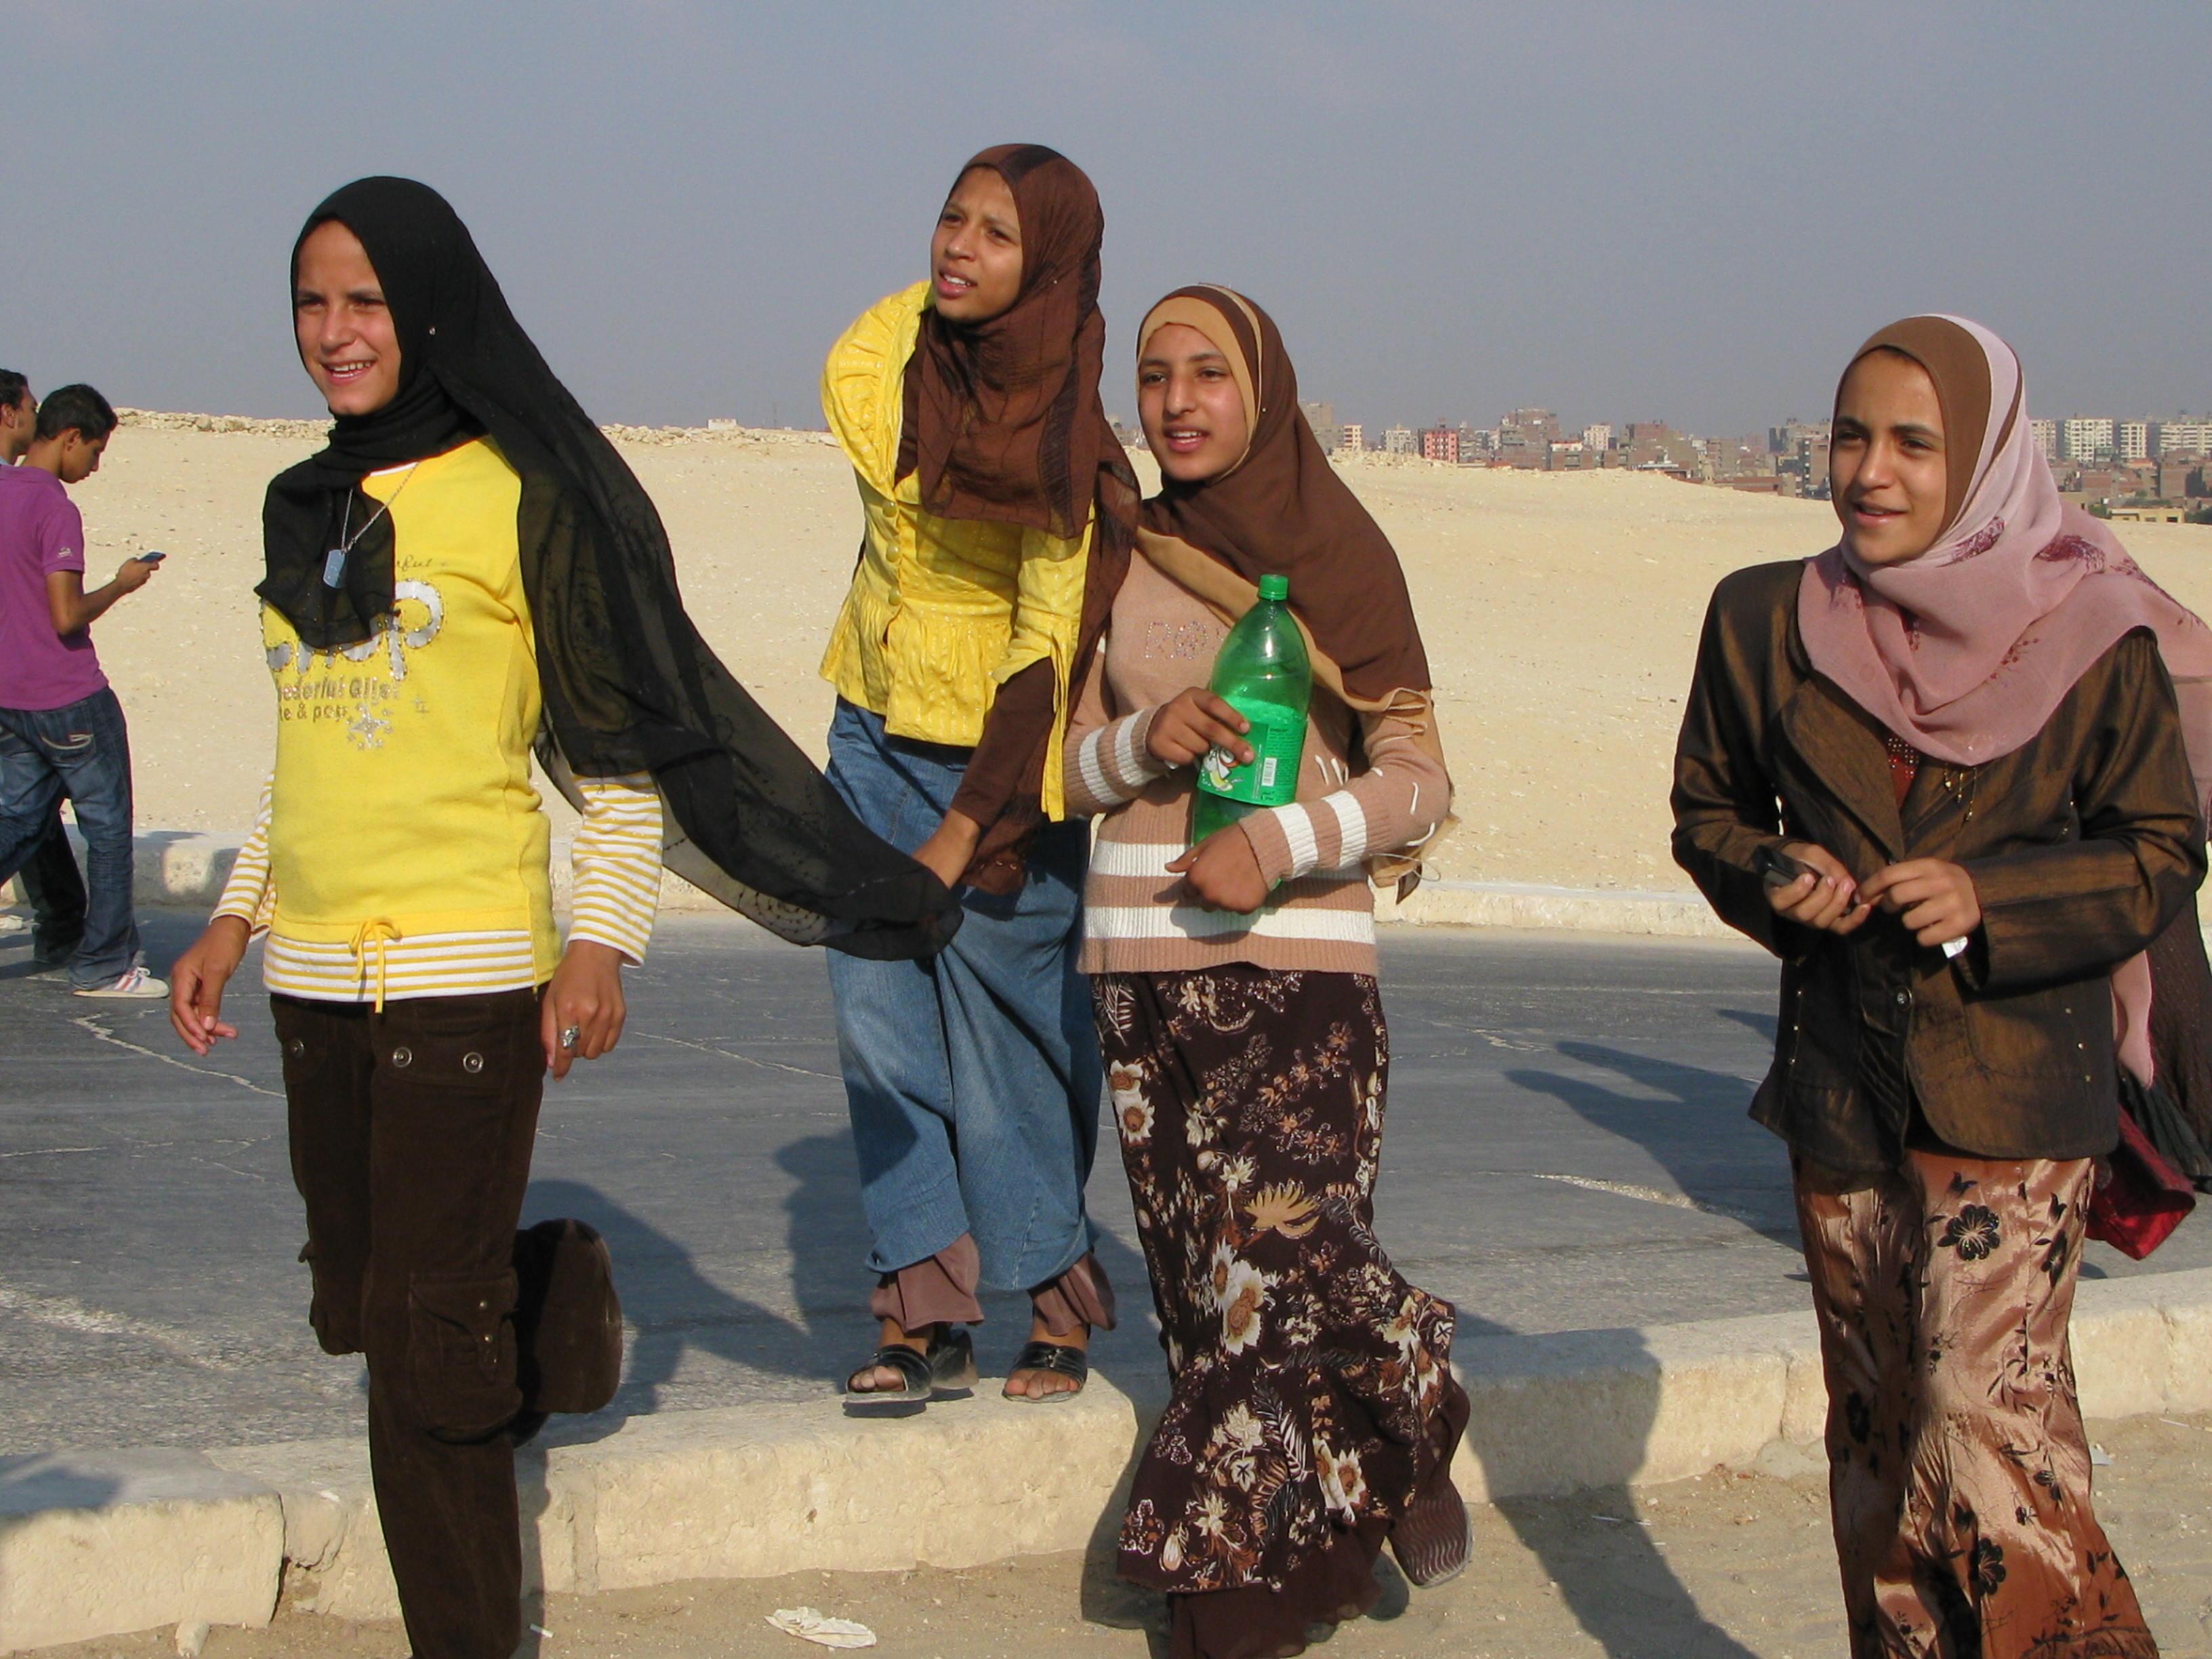 00004 2008 woestijn bedouinen egypte)optreden HF Nuweiba en stage (6)